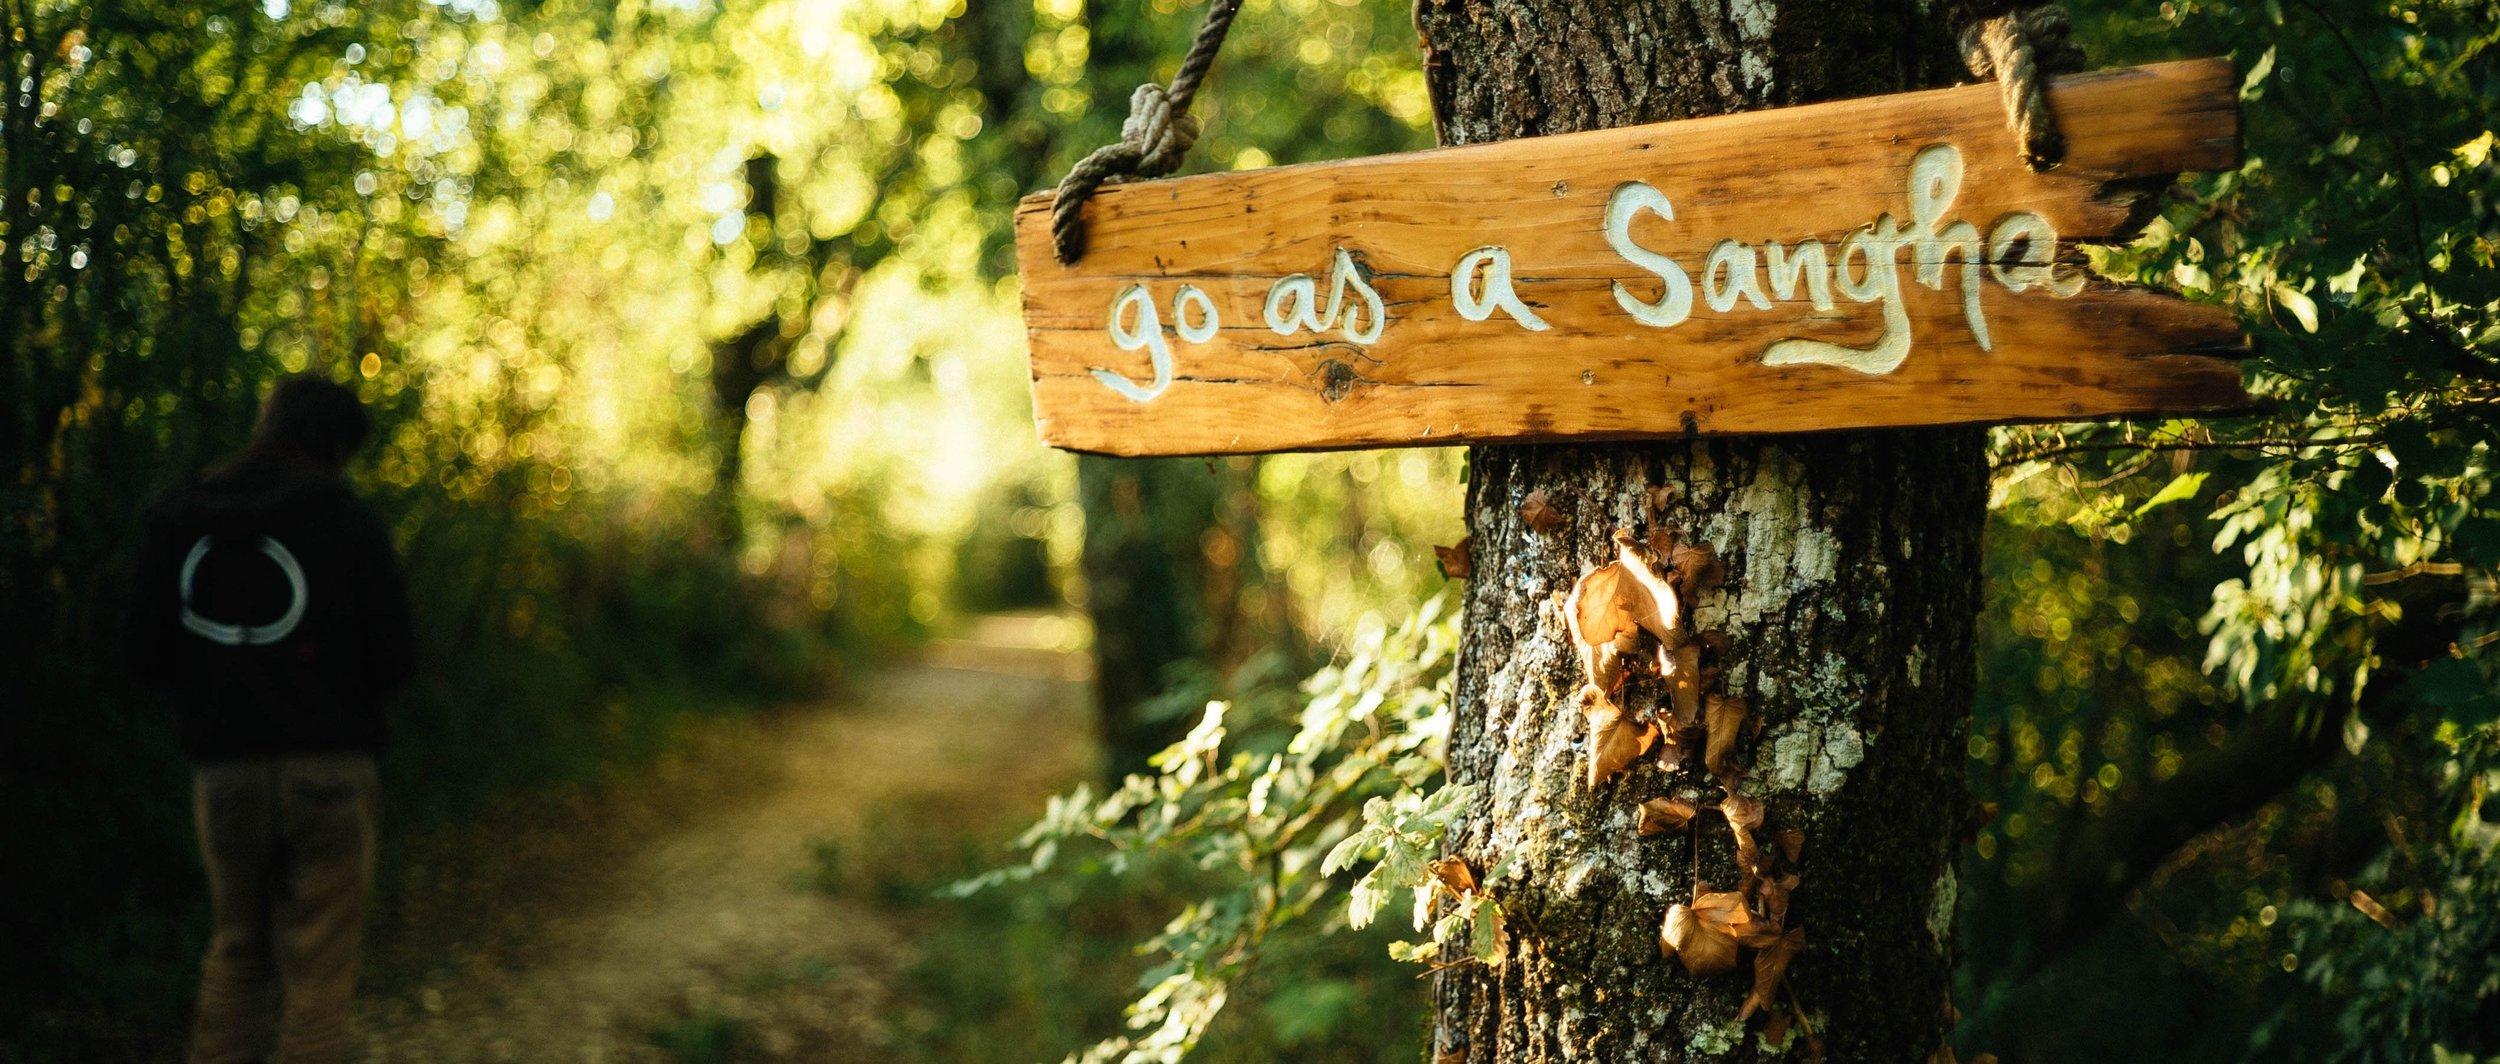 Go-as-a-sangha1.jpg